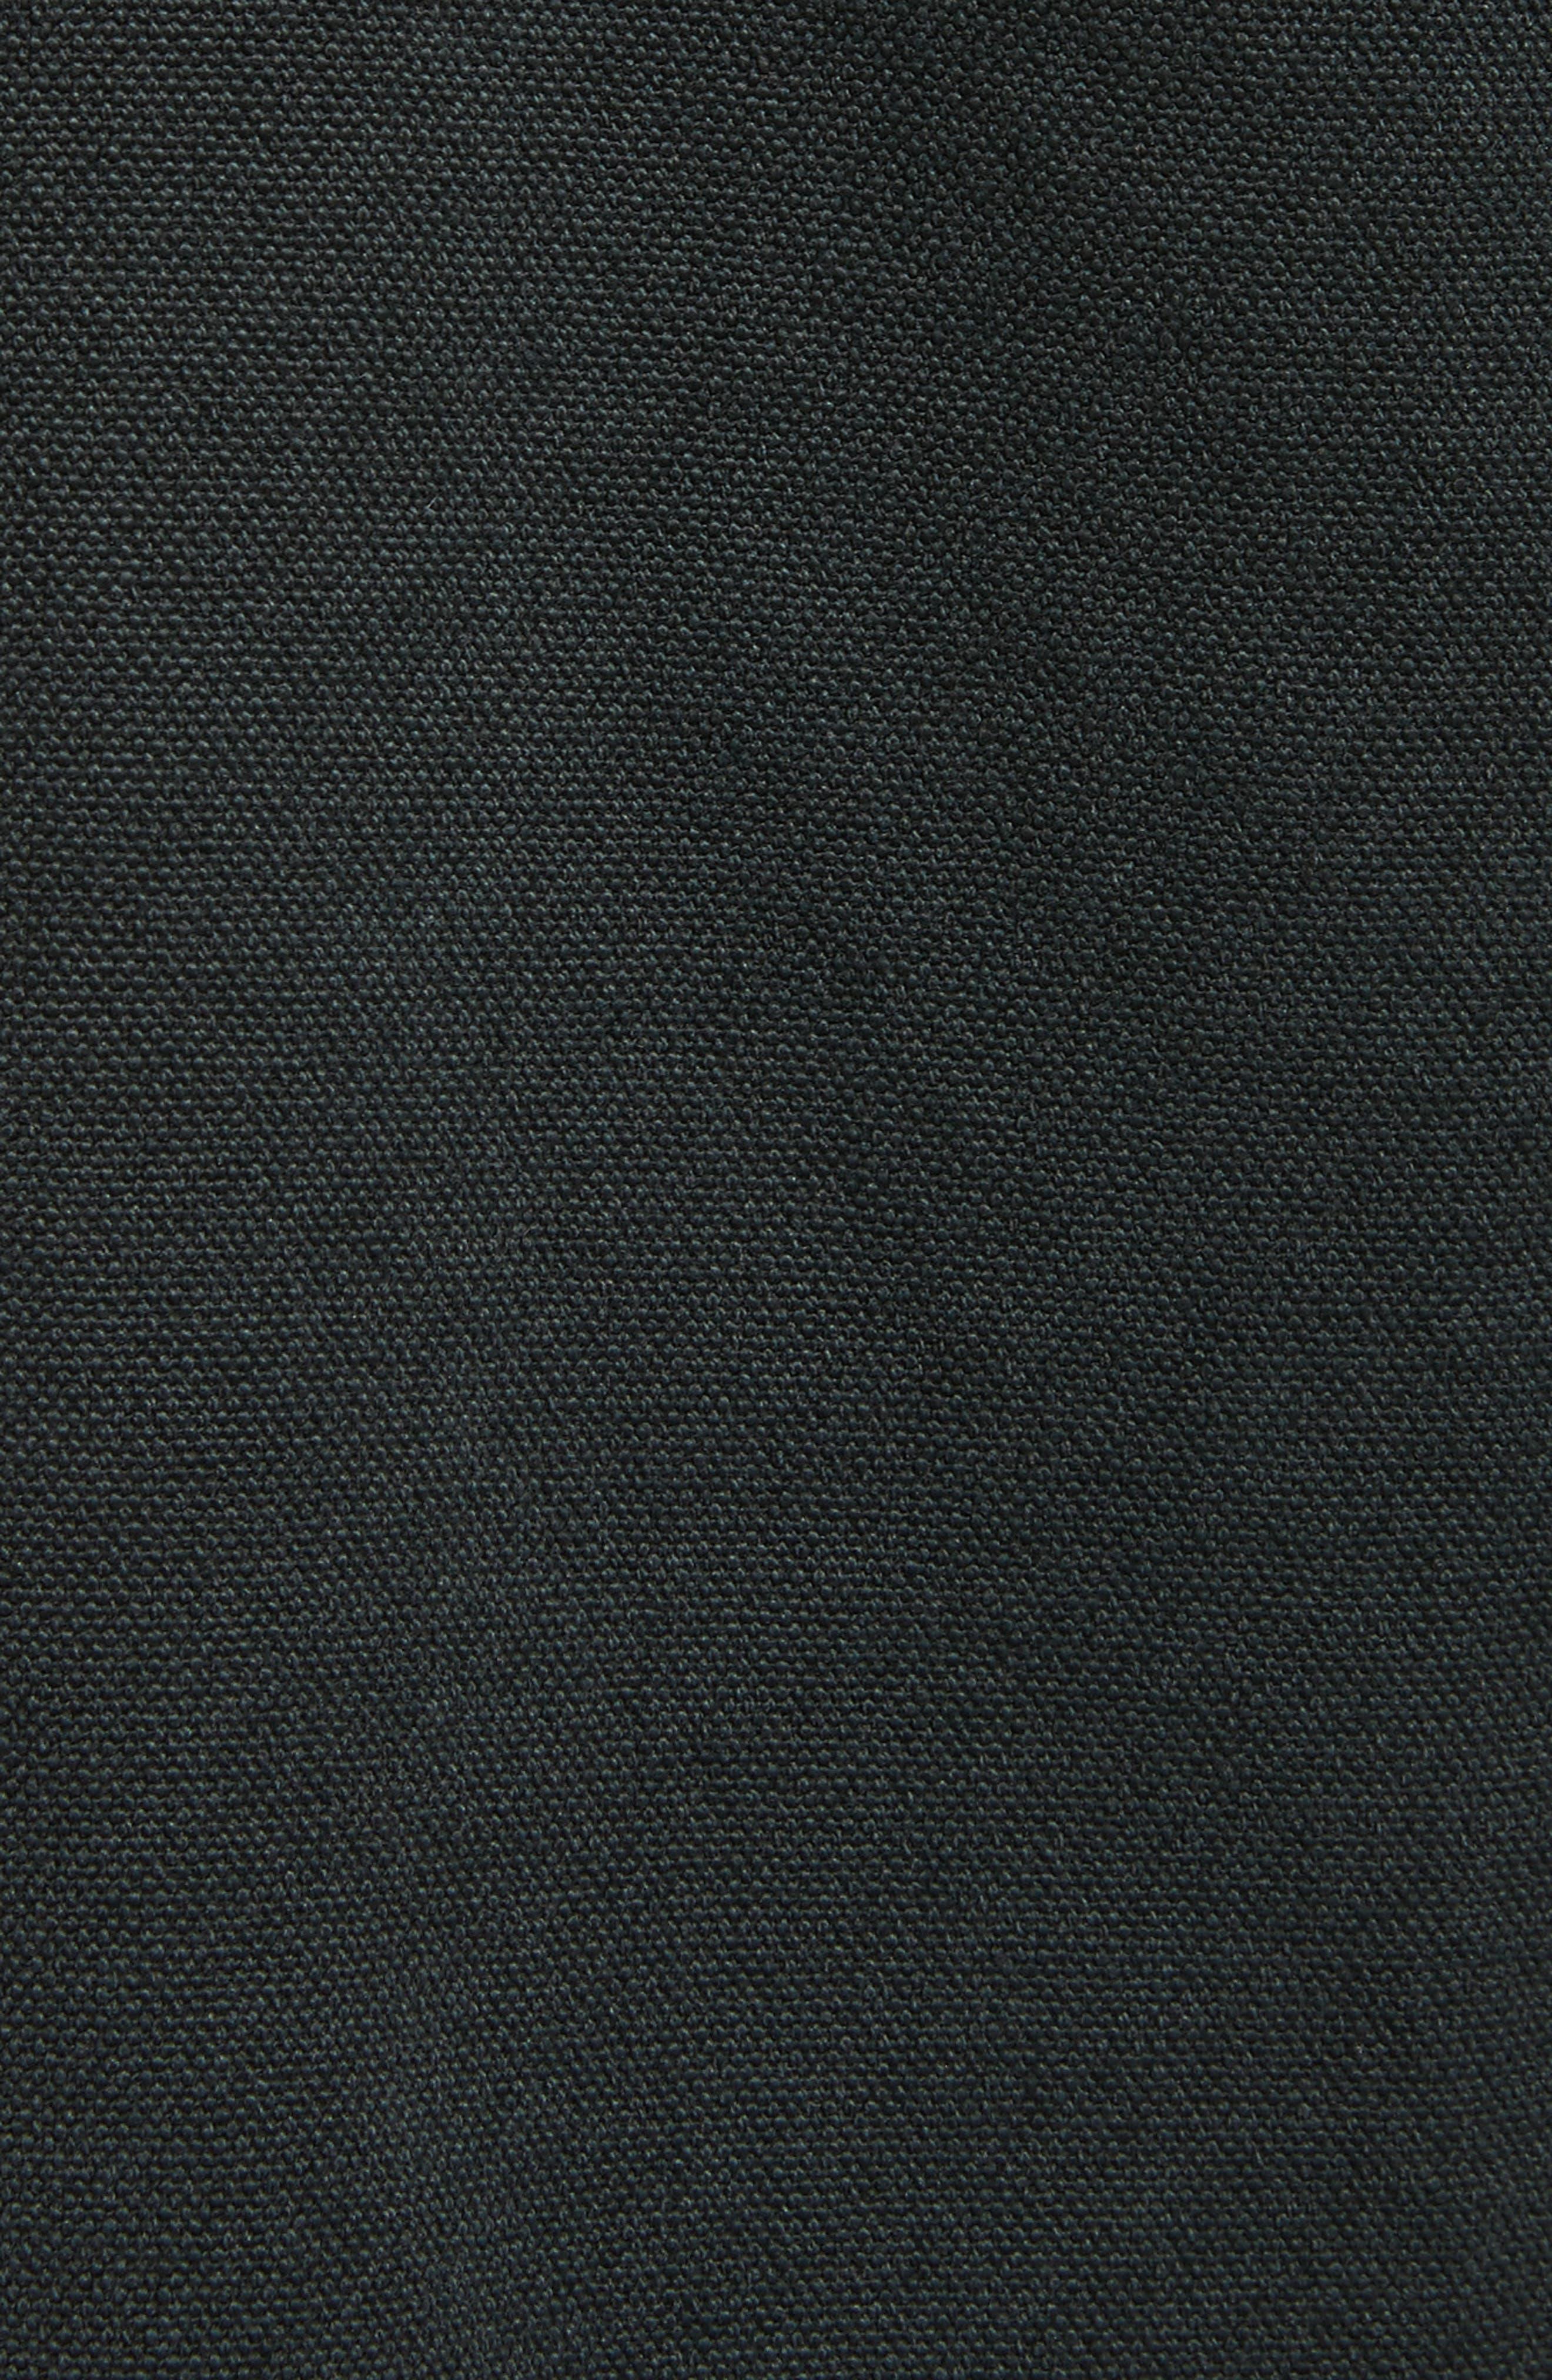 Anselm Wide Leg Patch Cargo Pants,                             Alternate thumbnail 5, color,                             Coal Black